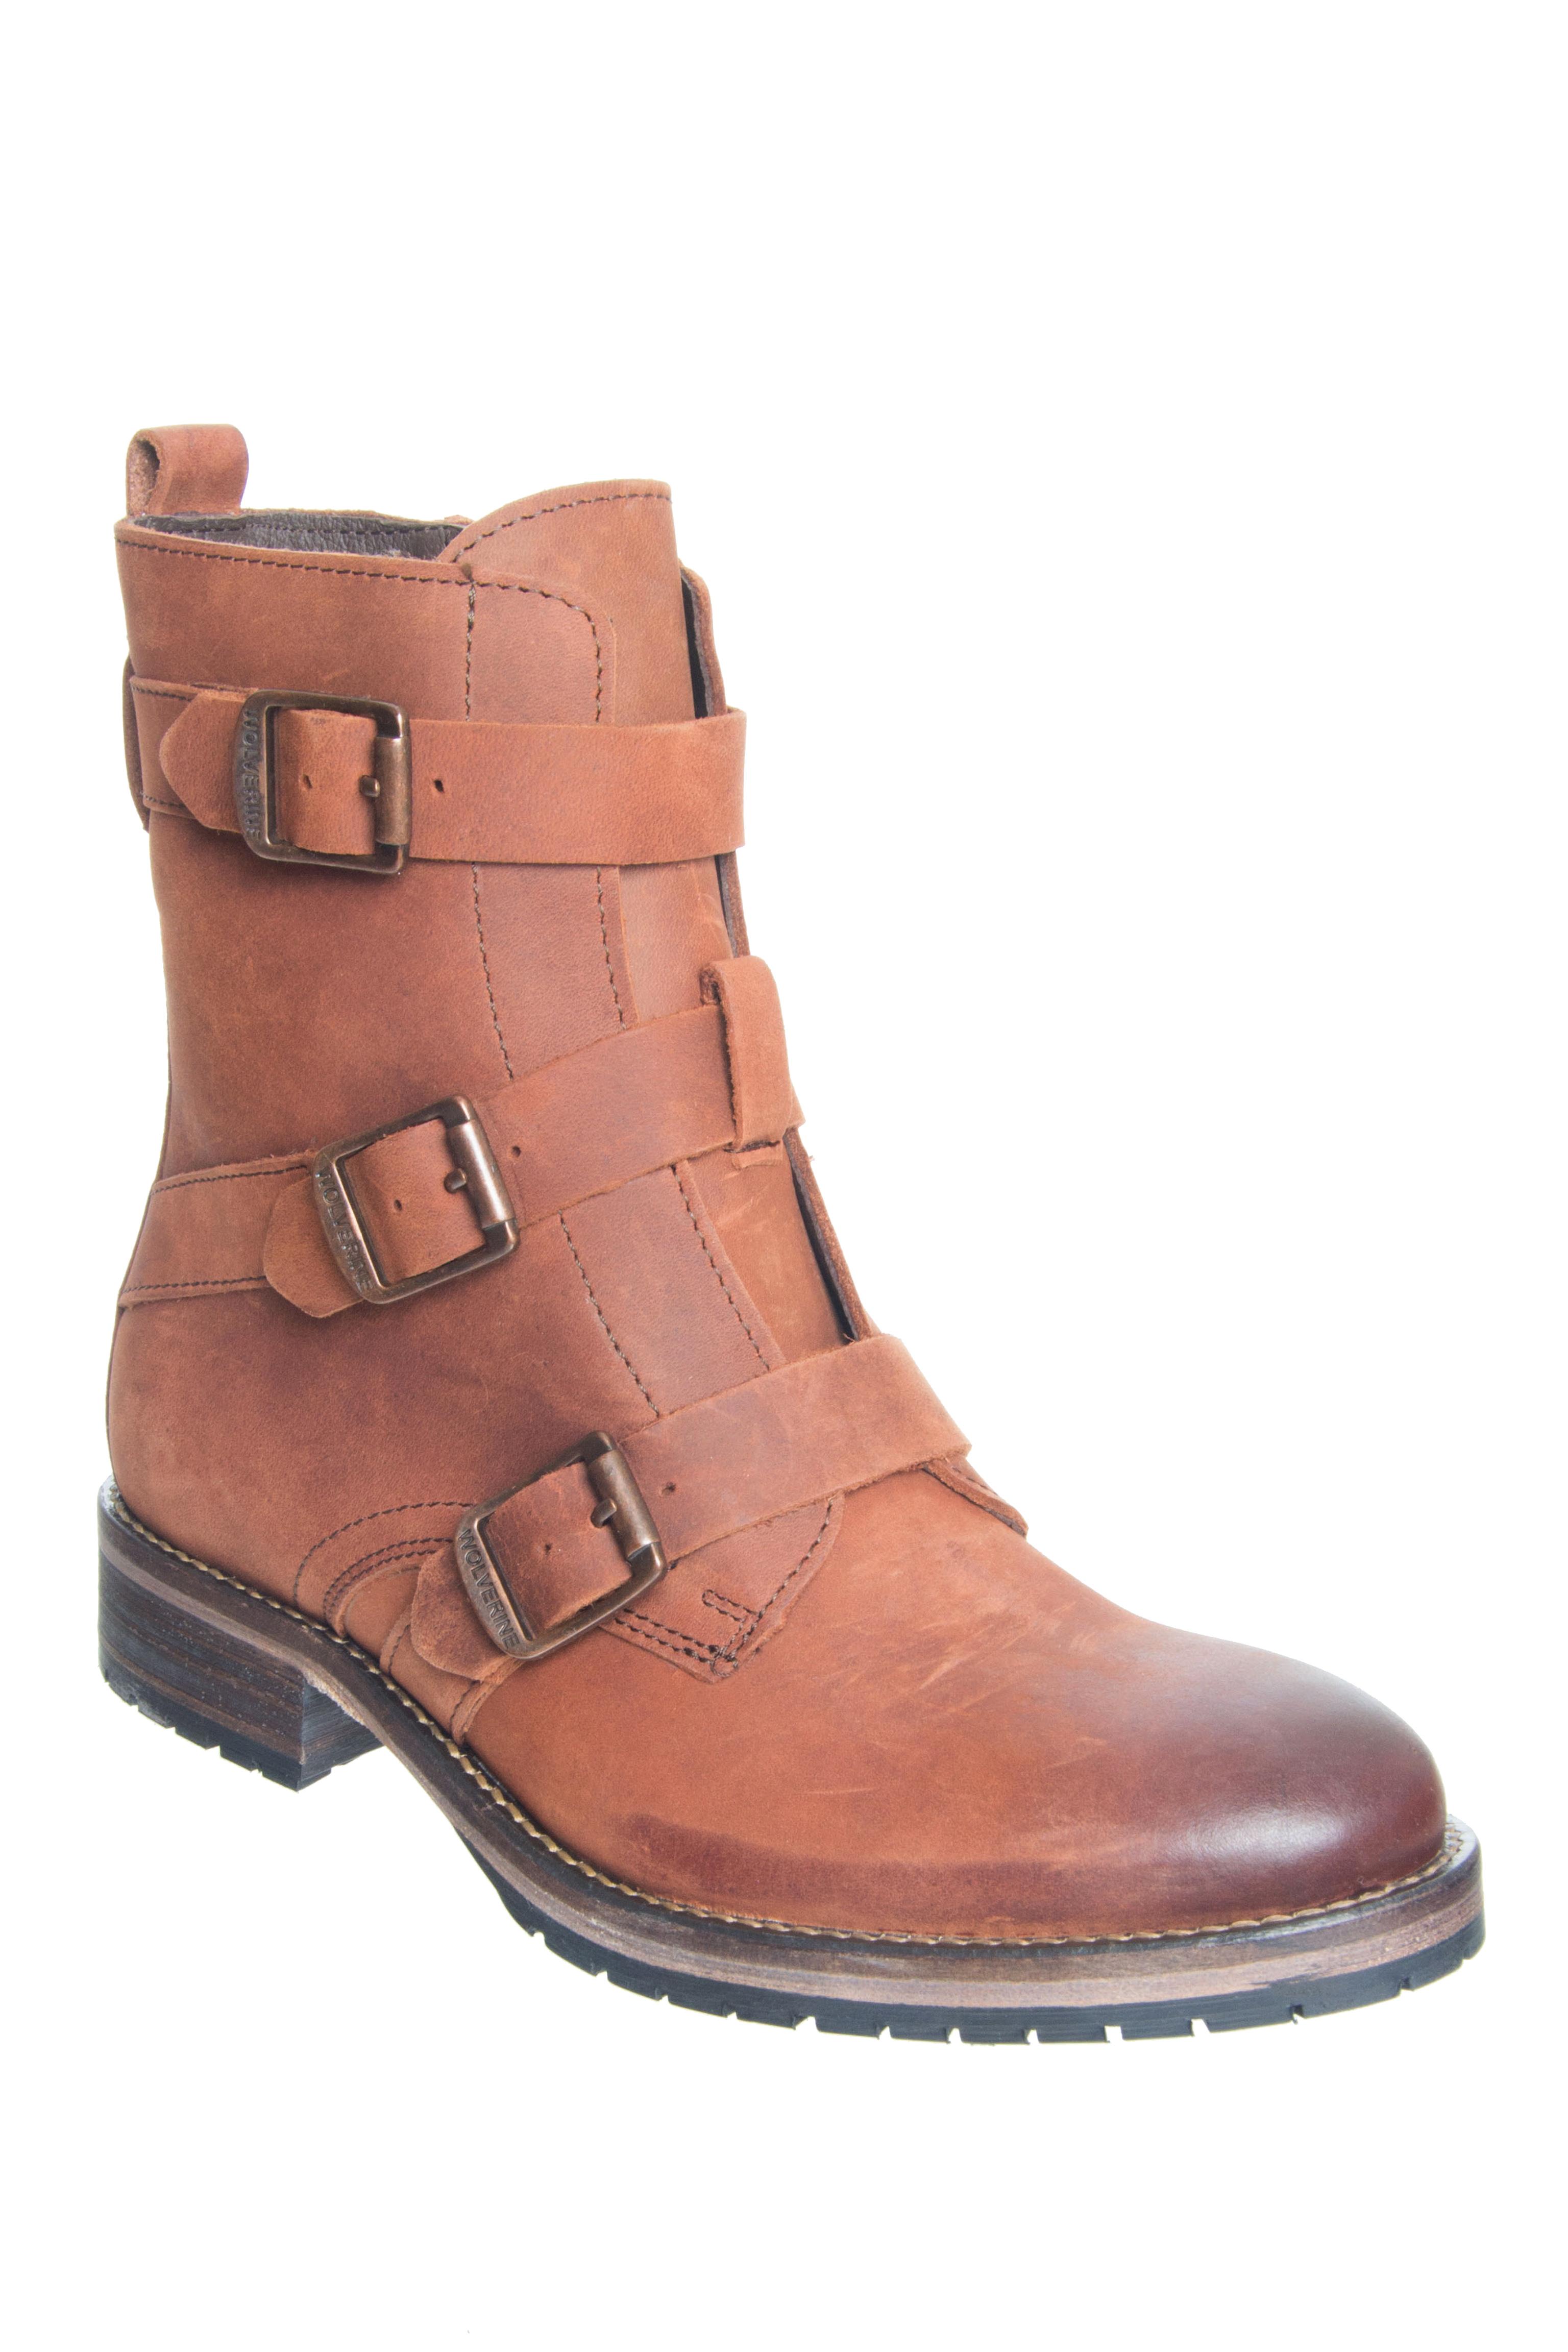 Wolverine 1883 Lizzie 6 inch Buckle Boots - Brown